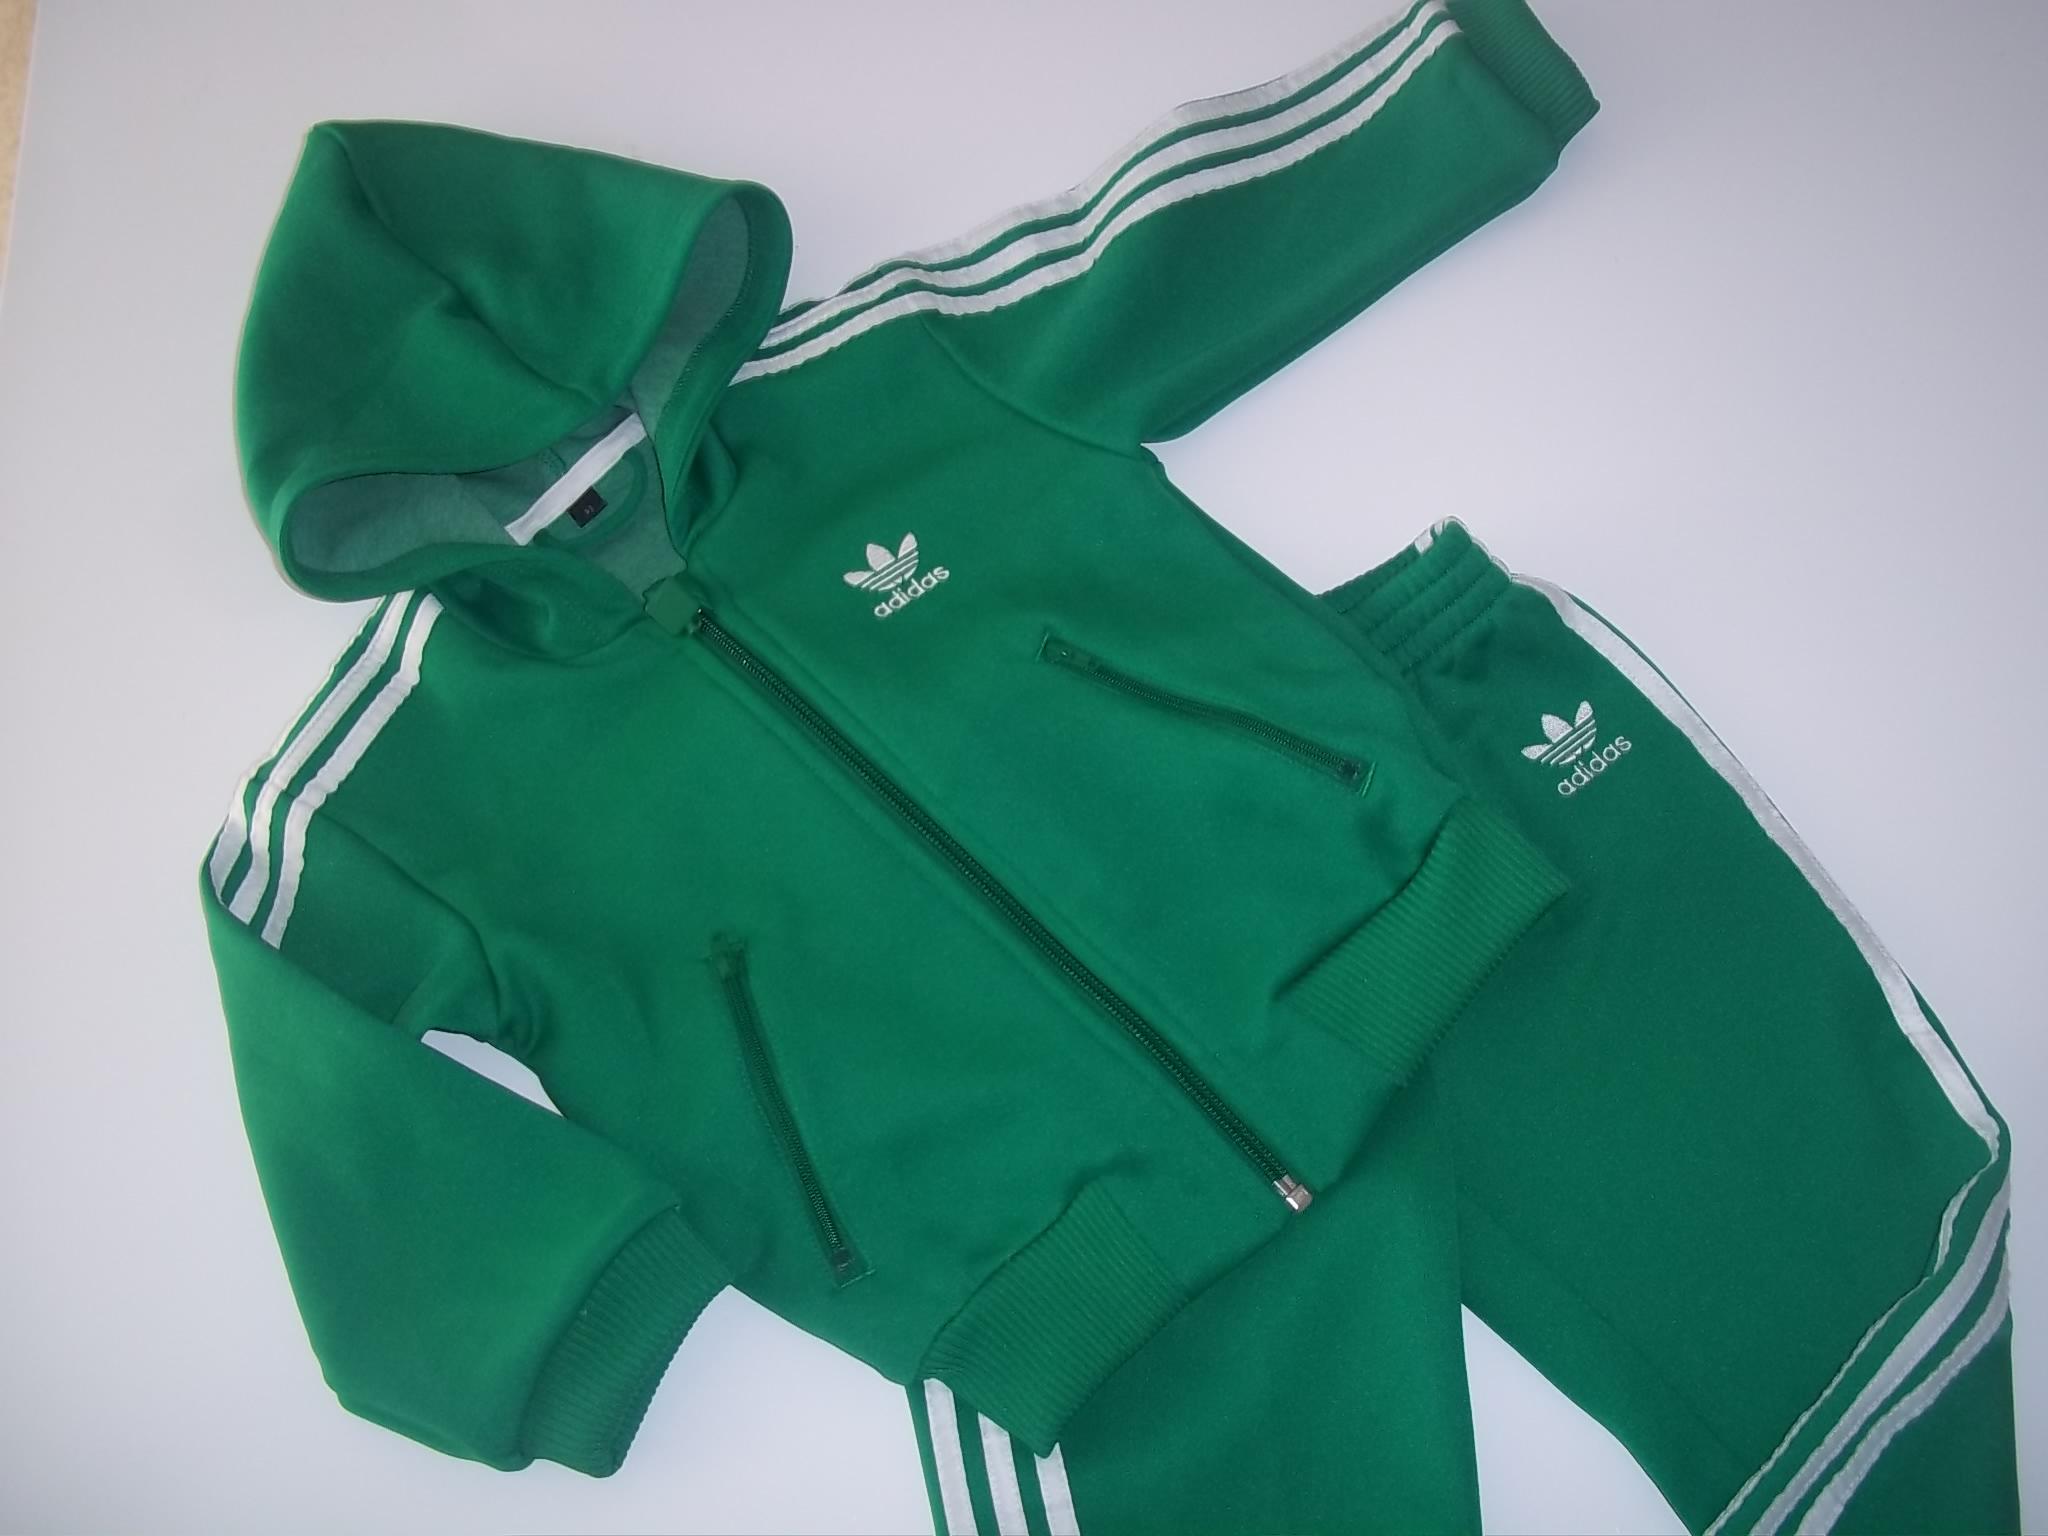 meilleurs prix nouvelle qualité 50-70% de réduction pantalon jogging adidas vert,vert pantalon de jogging homme ...